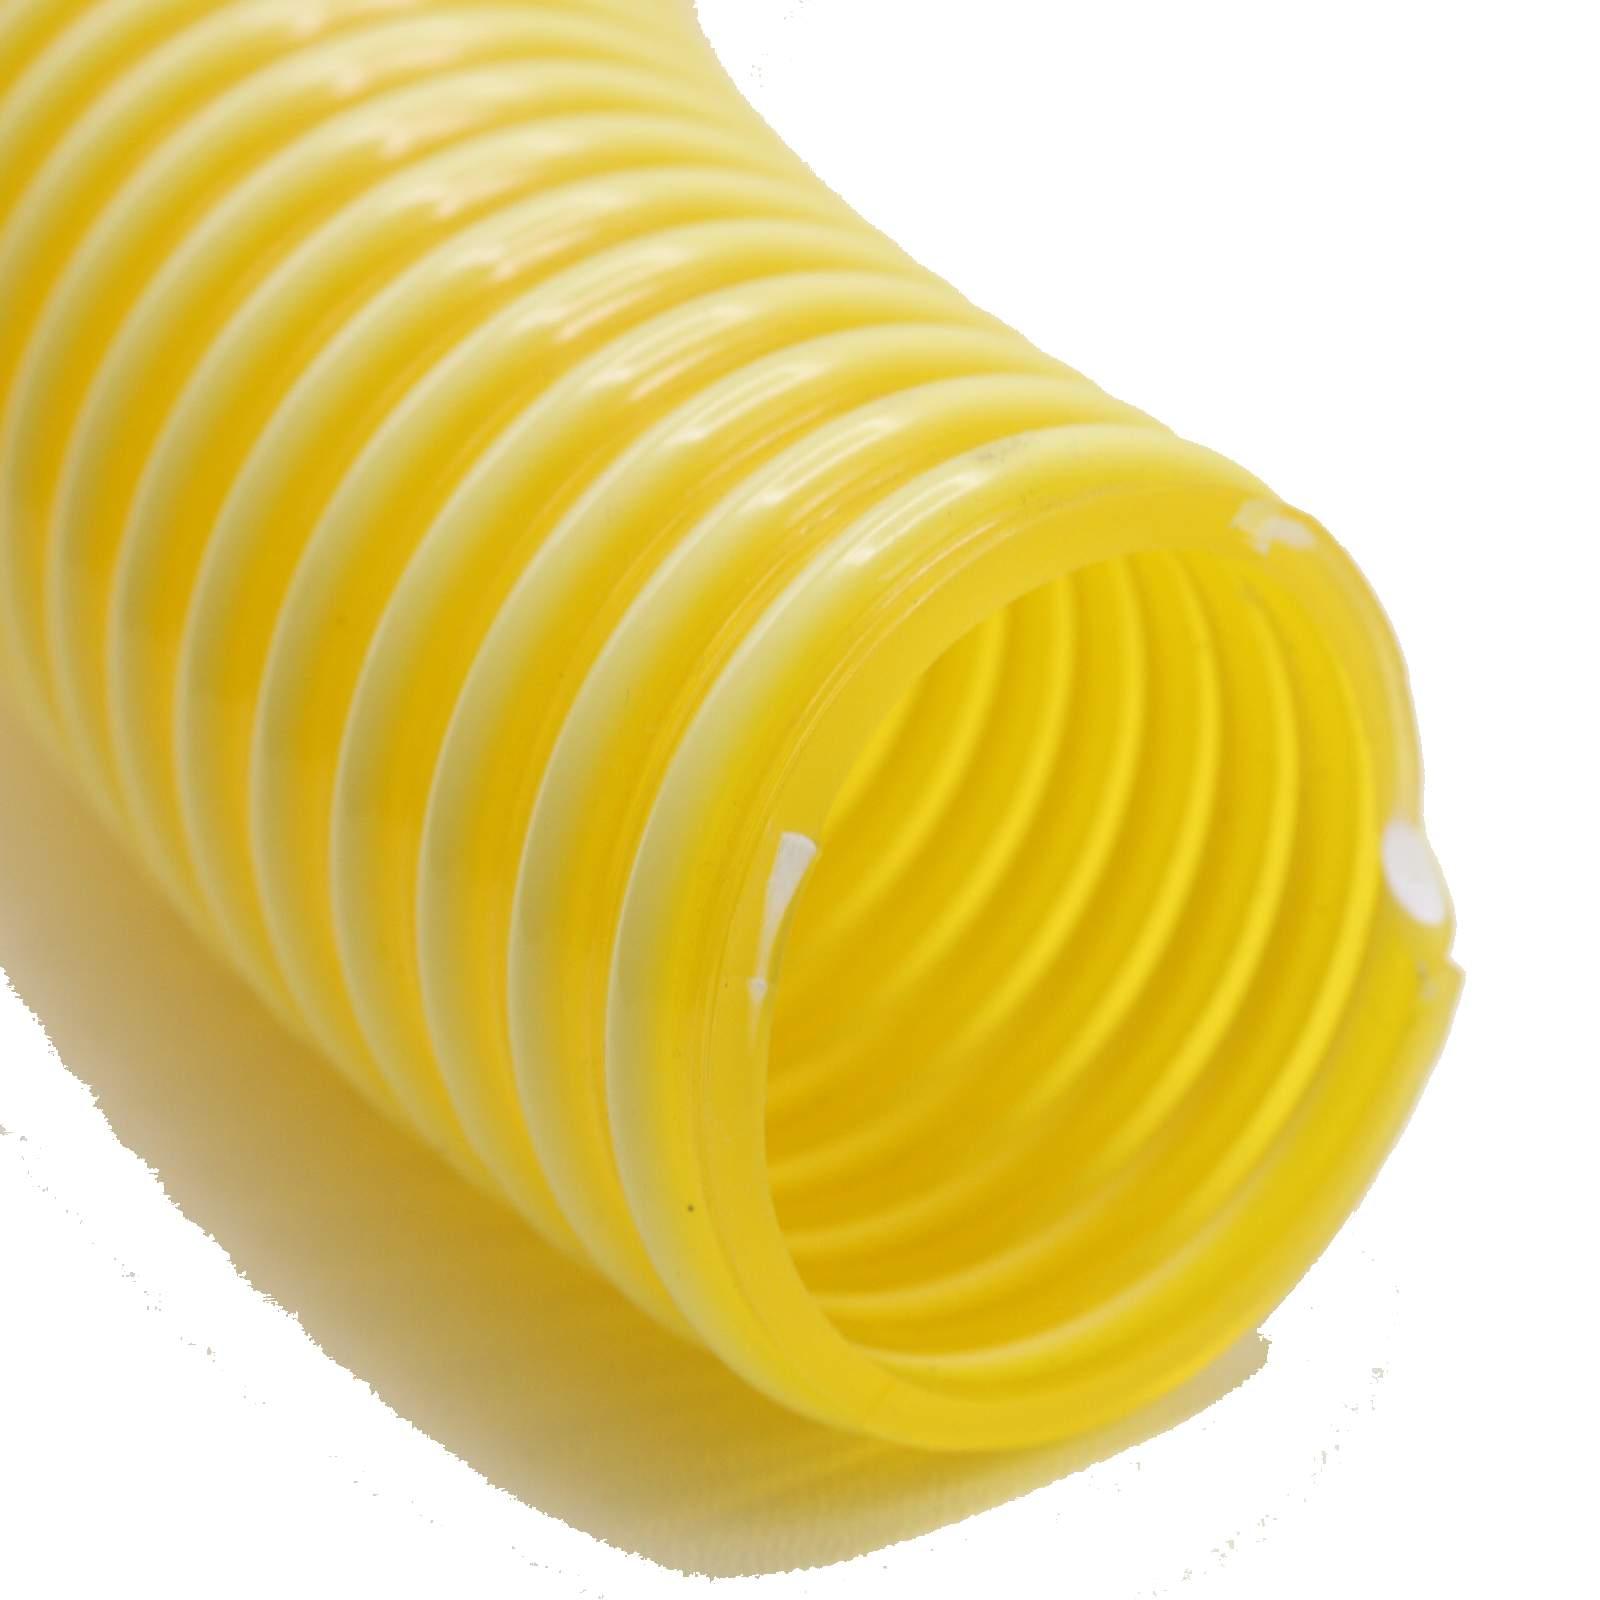 saugschlauch spiralschlauch forderschlauch pumpenschlauch o fl gaFmMDRwBlP6ToP